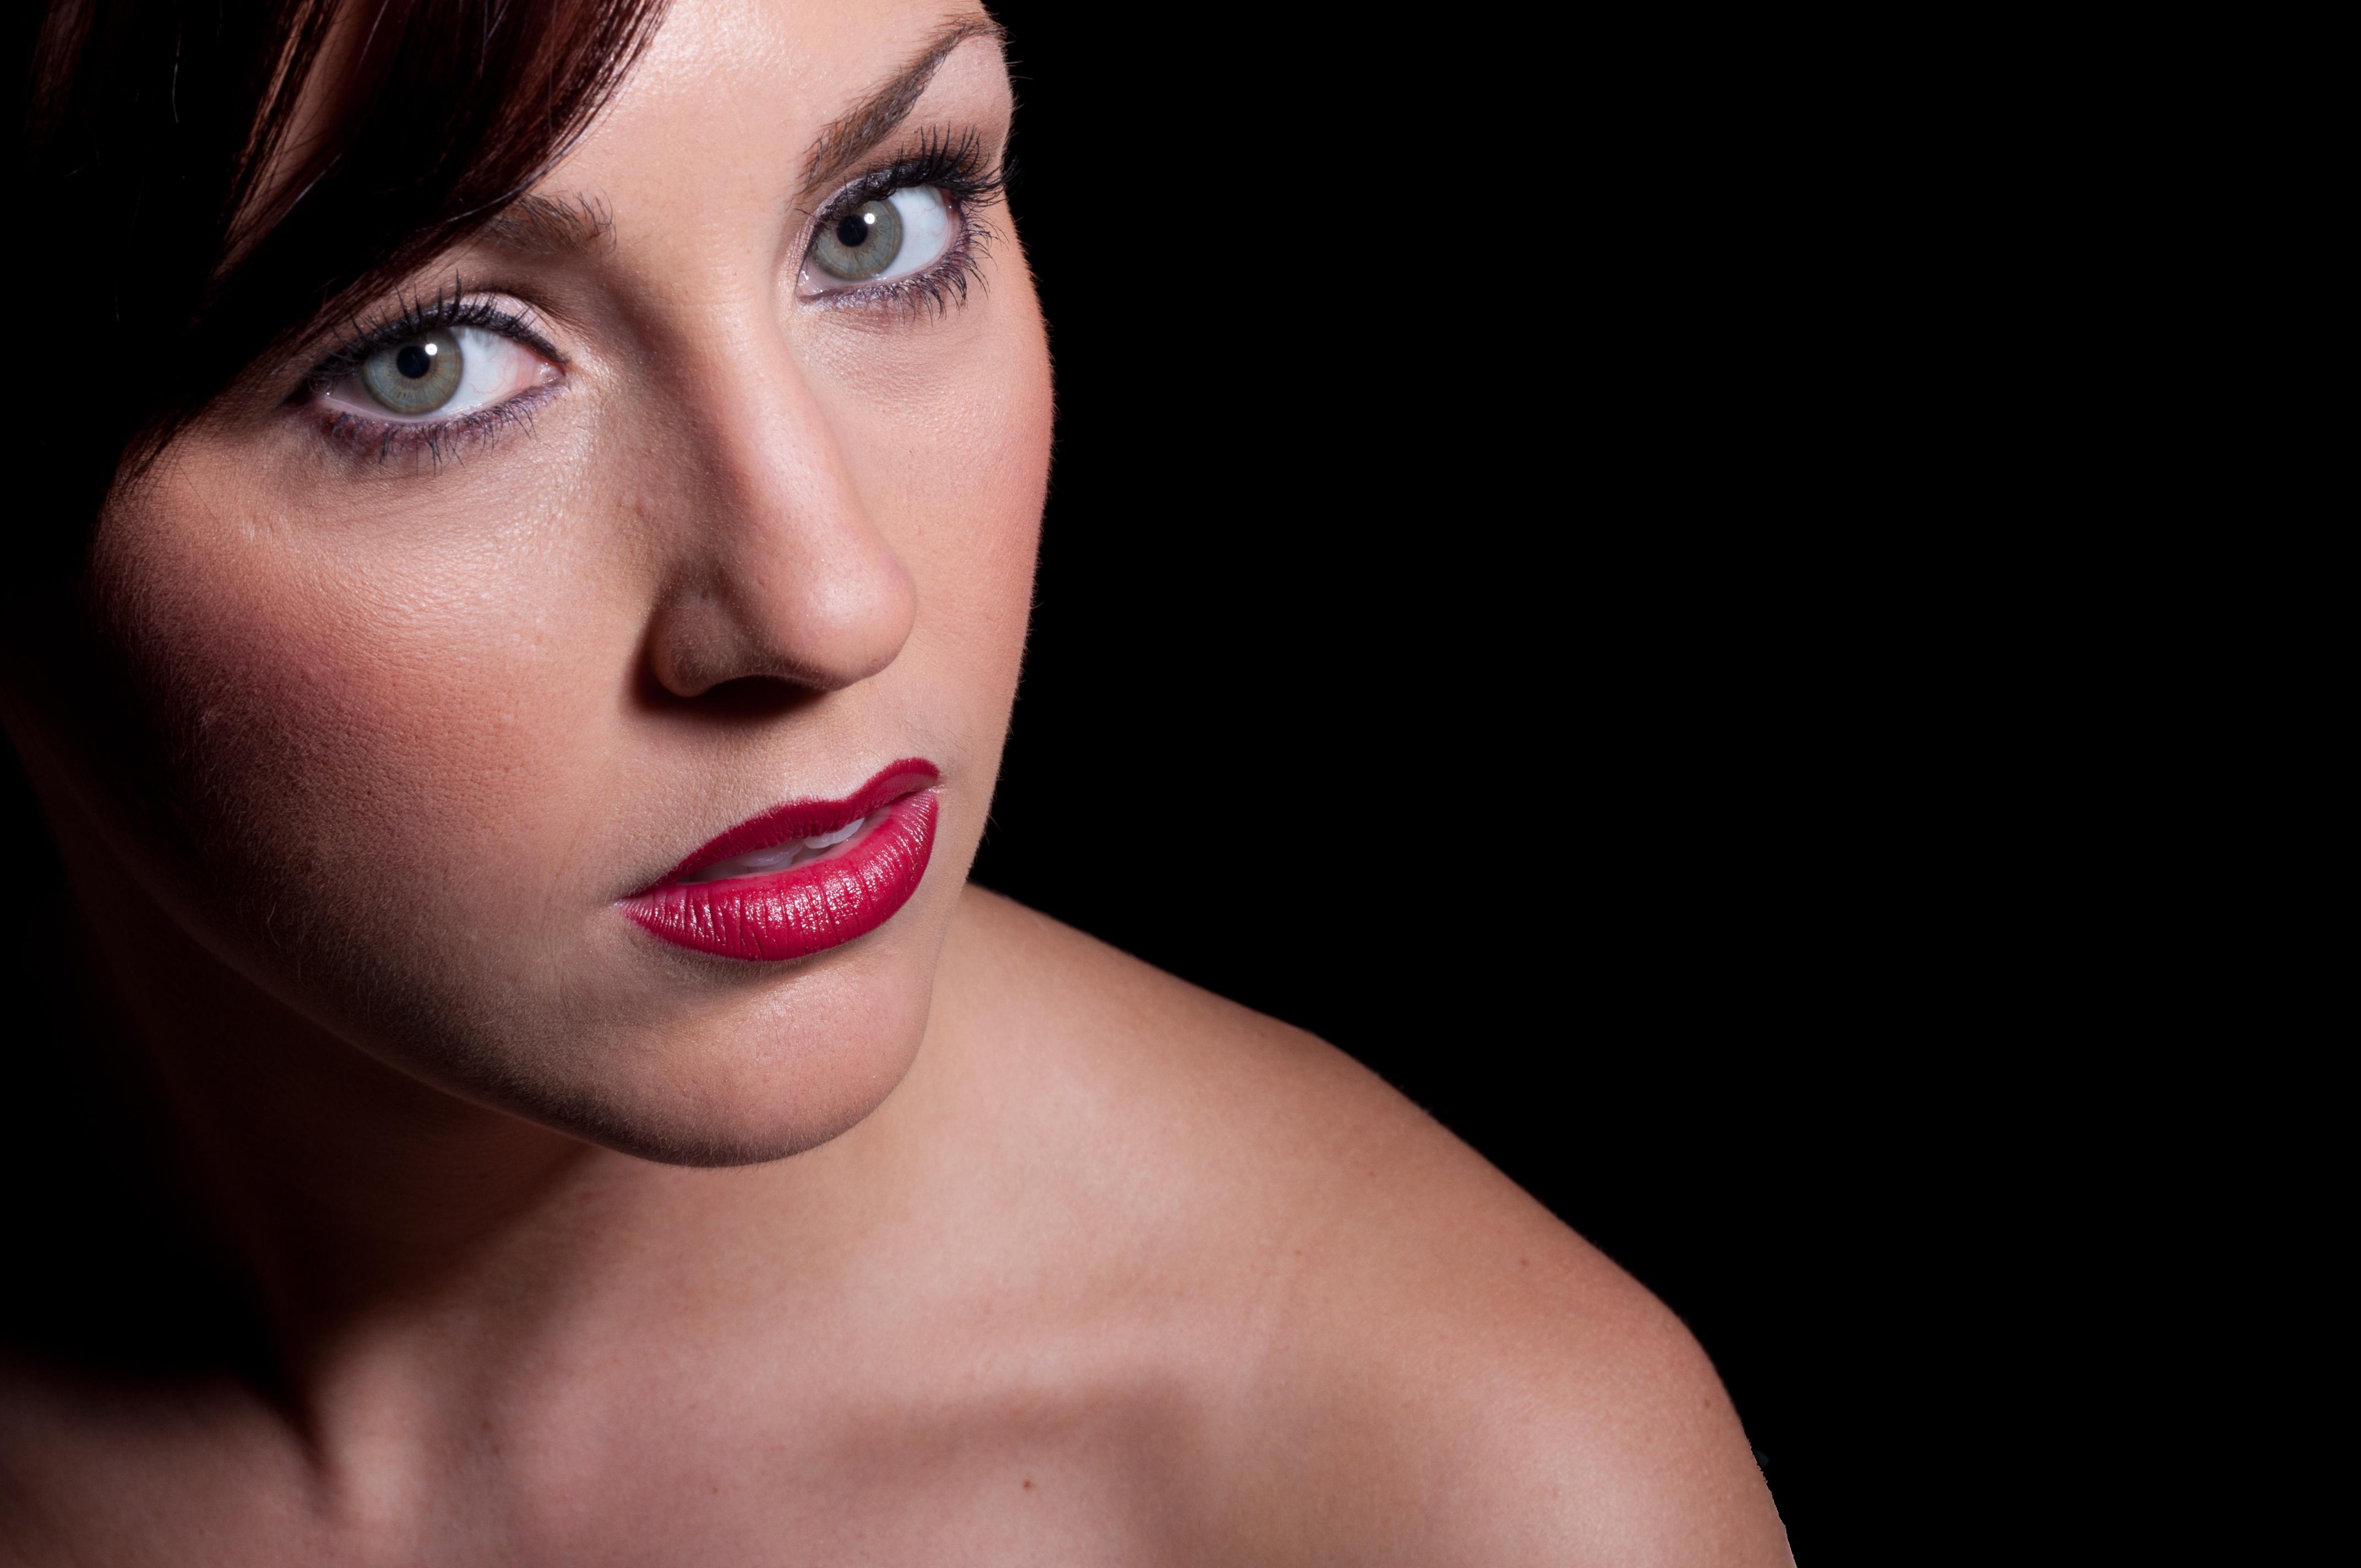 Hintergrundbilder : Gesicht, schwarz, Modell-, Porträt, Brünette ...